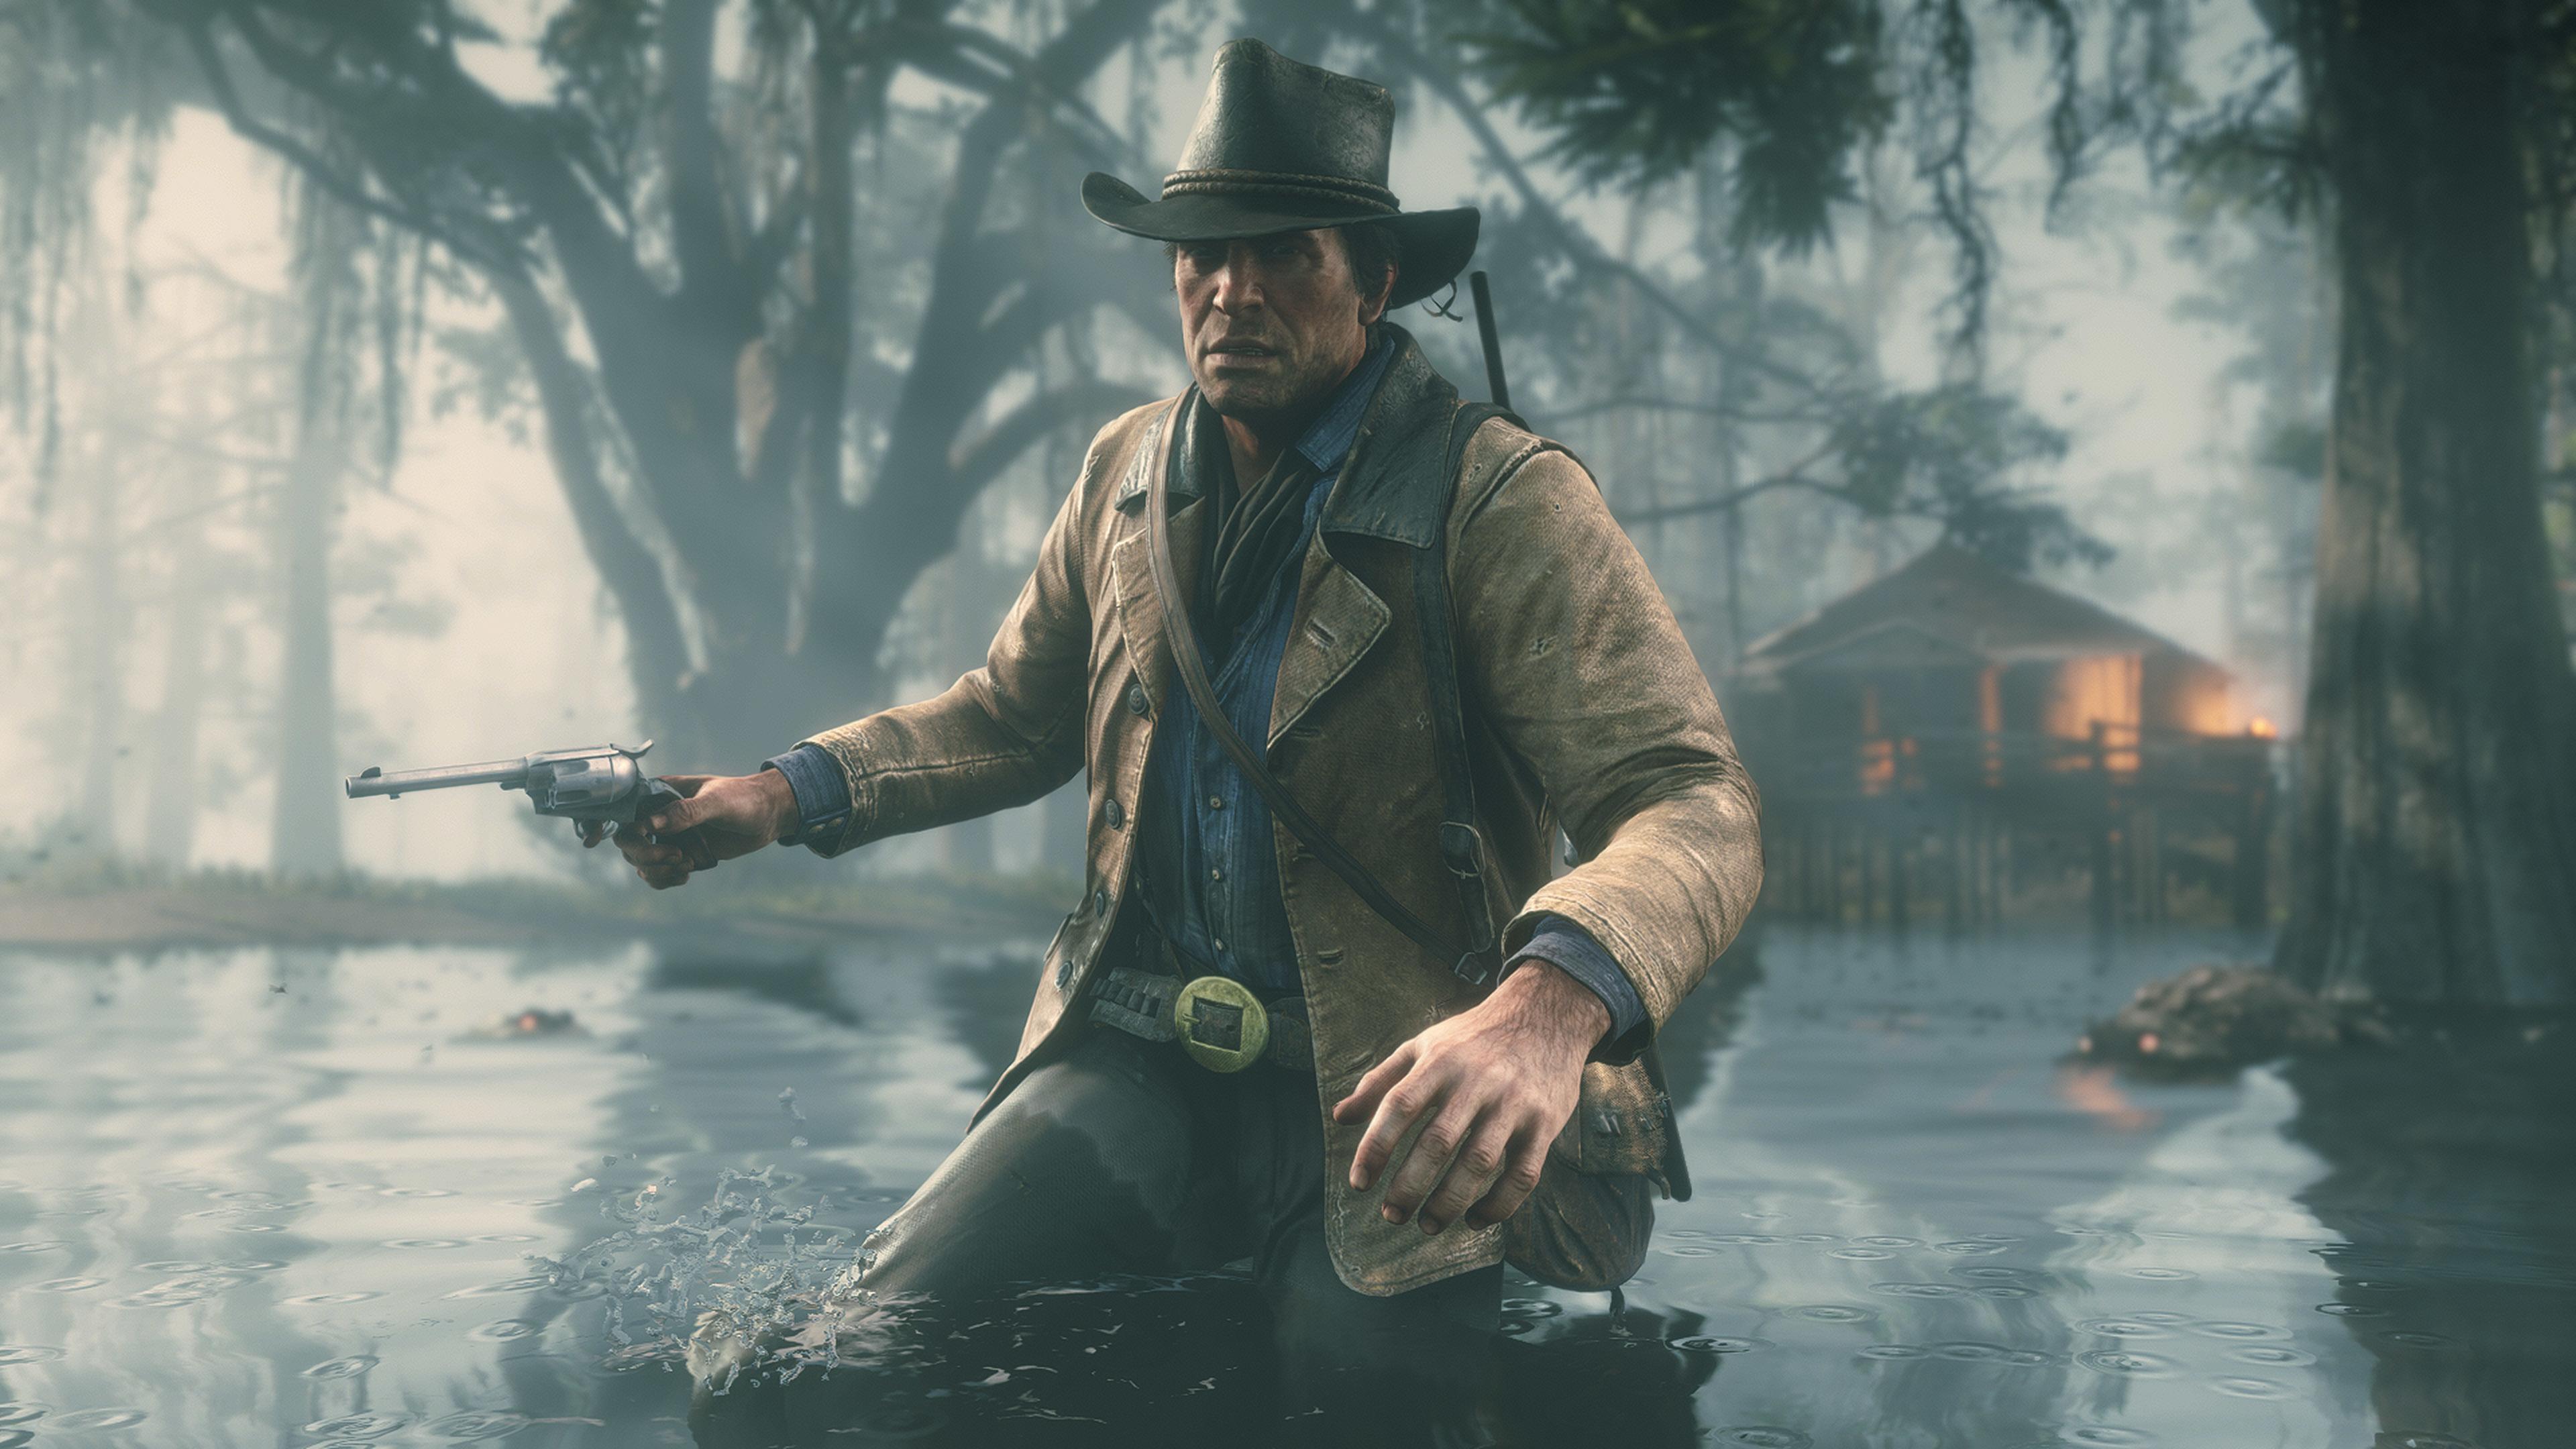 Red Dead Redemption 2 4k 2018 Game, HD Games, 4k ...